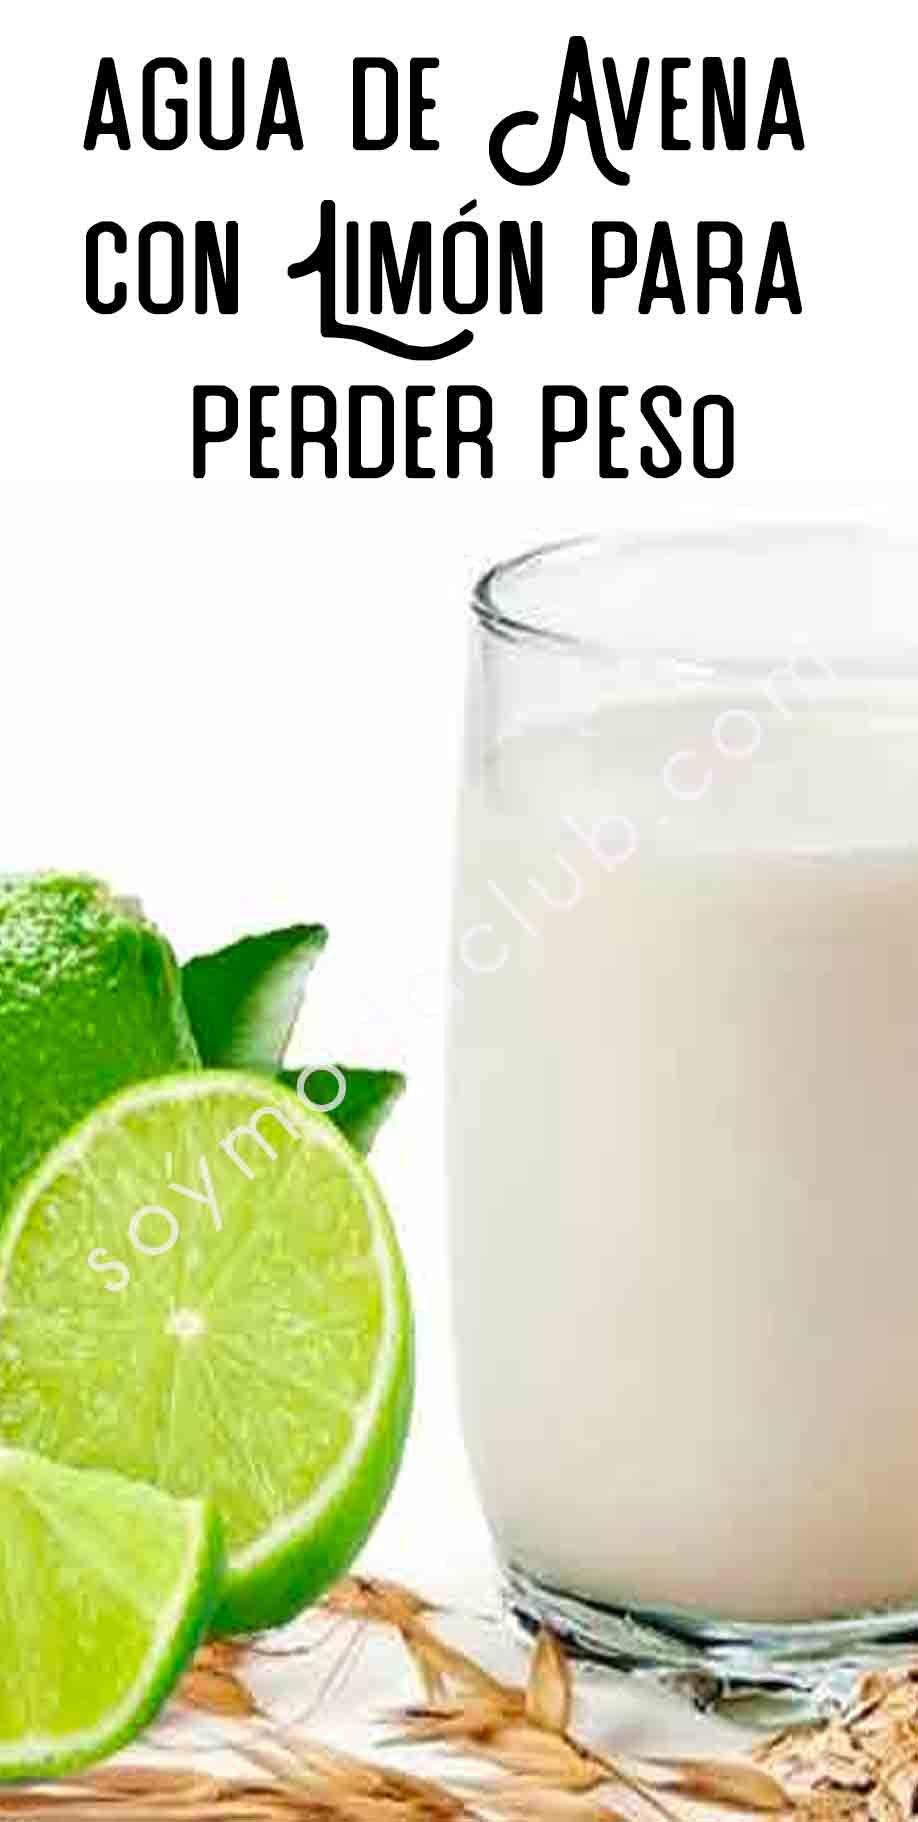 Agua De Avena Con Limón Para Perder Peso Lemonade Smoothie Food Good Food